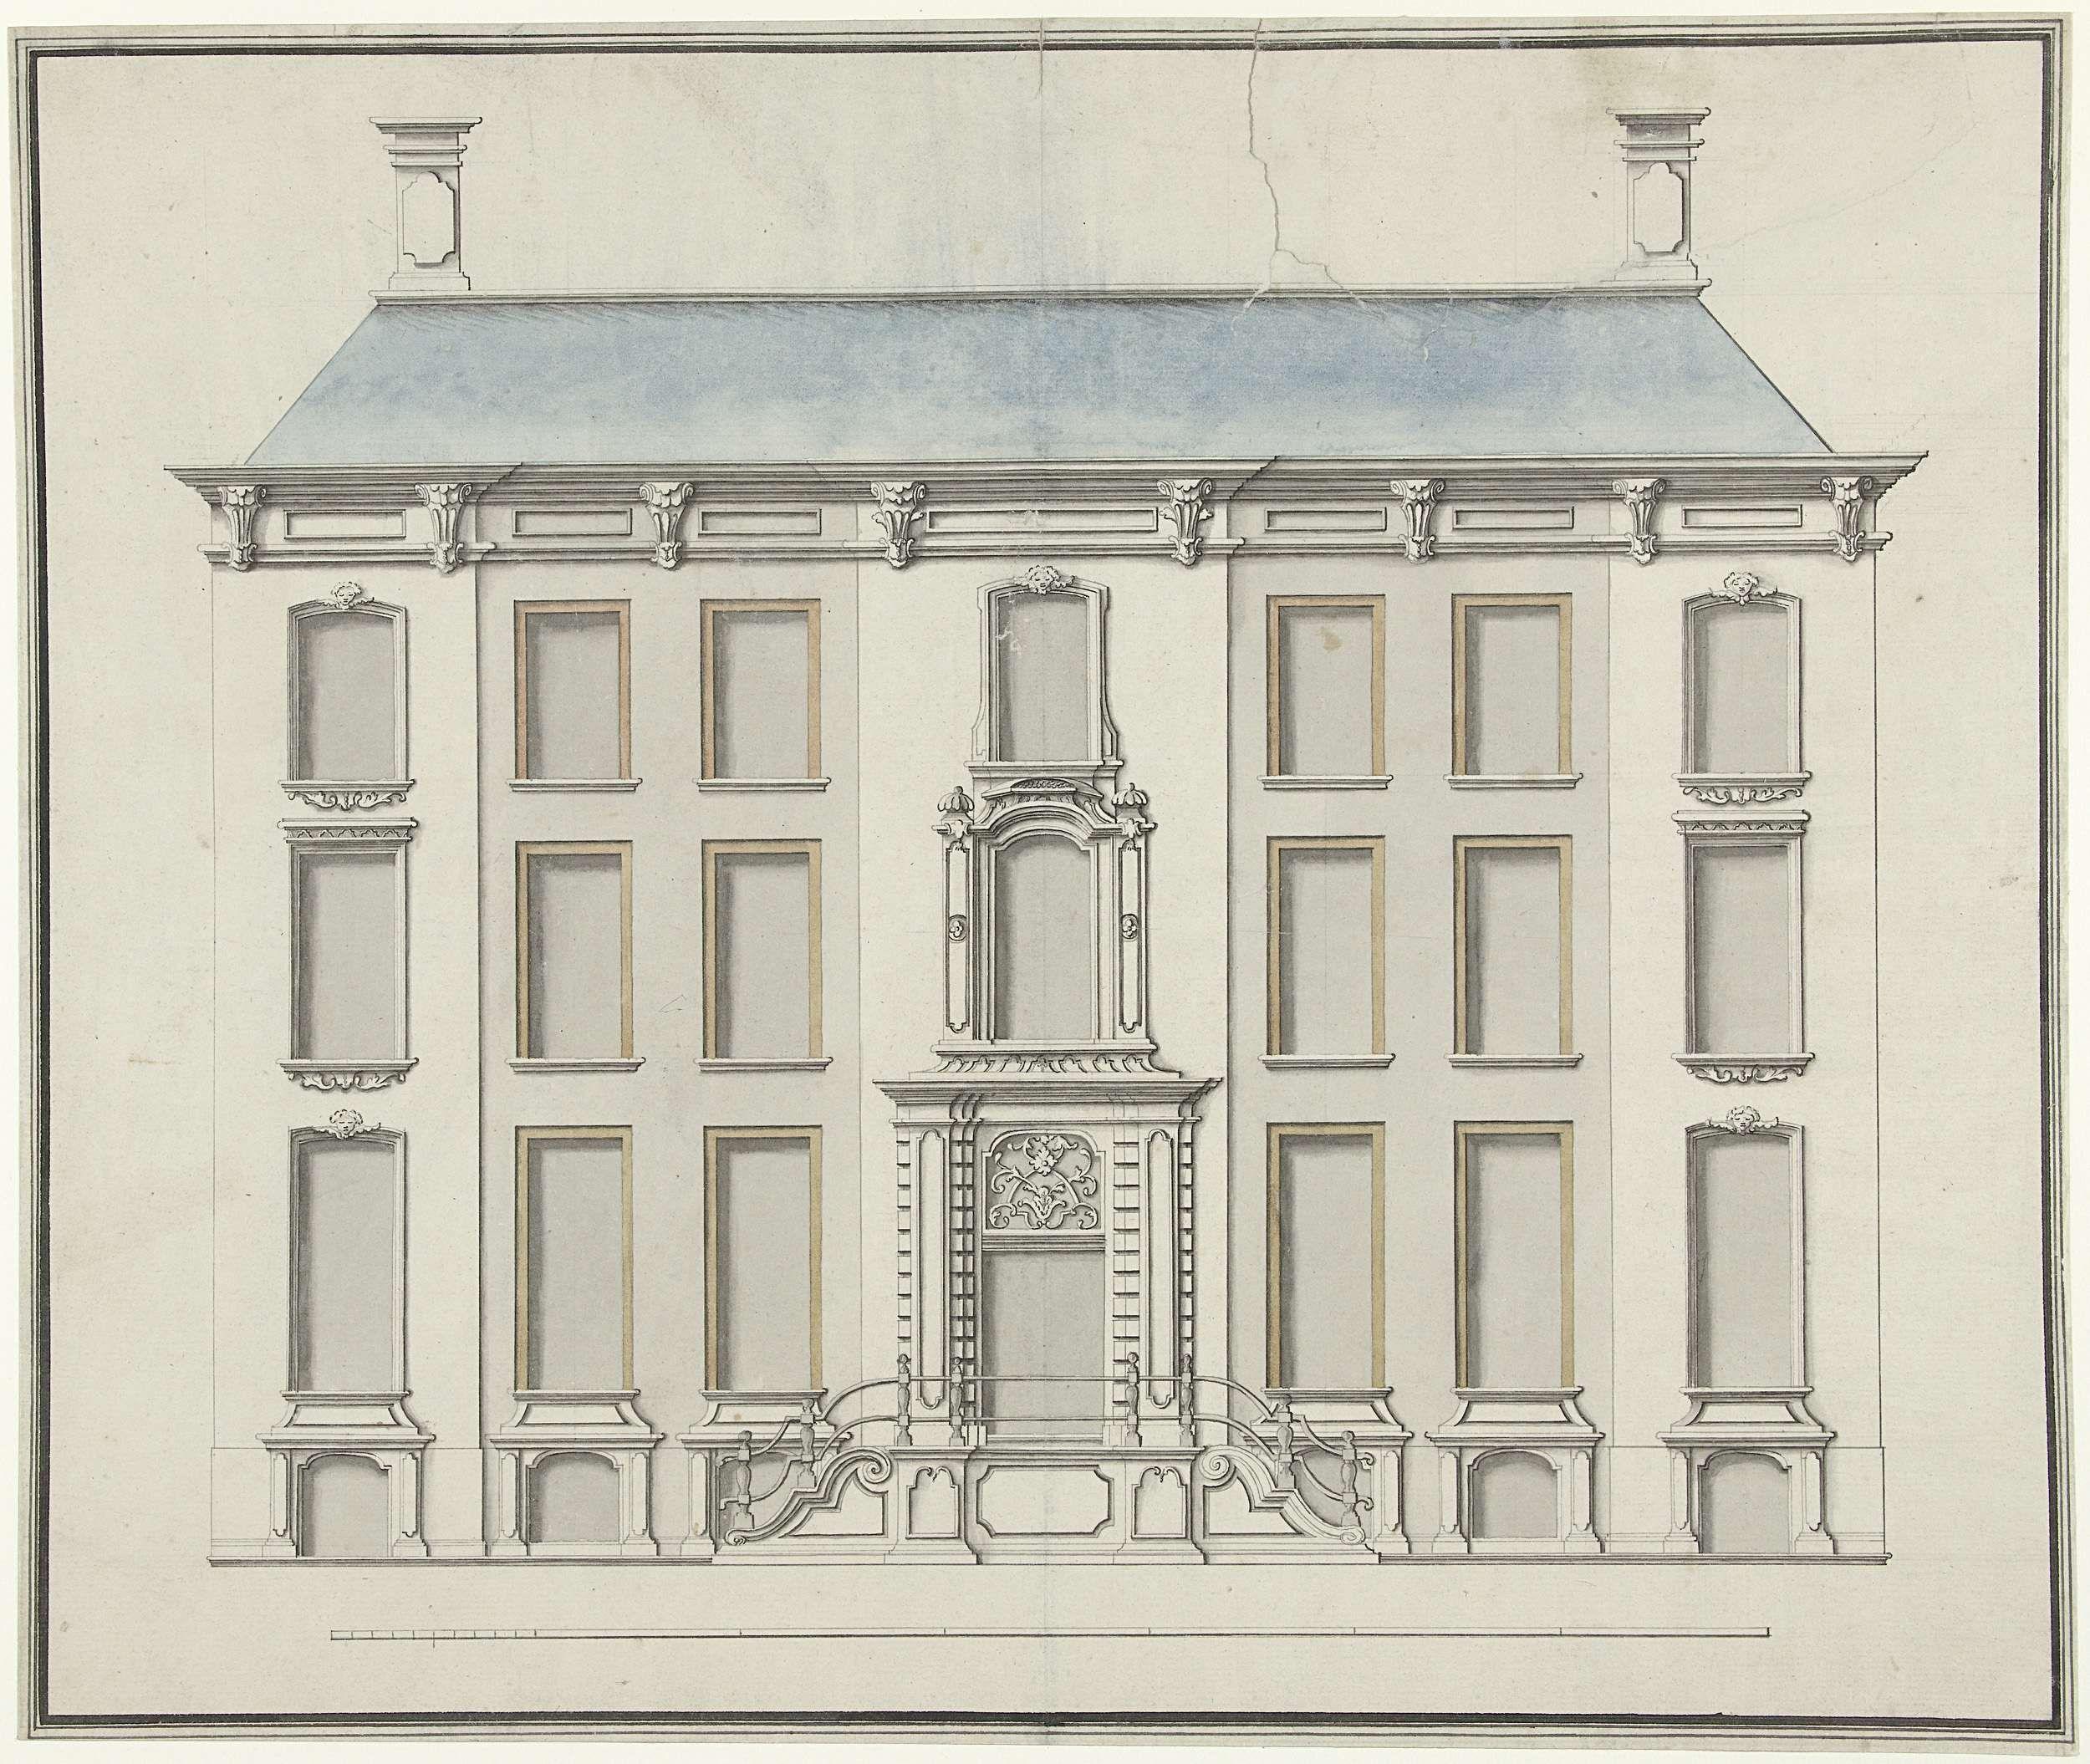 Joseph Massol | Voornaam woonhuis met hoge stoep, Joseph Massol, 1752 - 1767 | Afbeelding van het Zeeuws Museum, Wagenaarstraat E 285 te Middelburg.